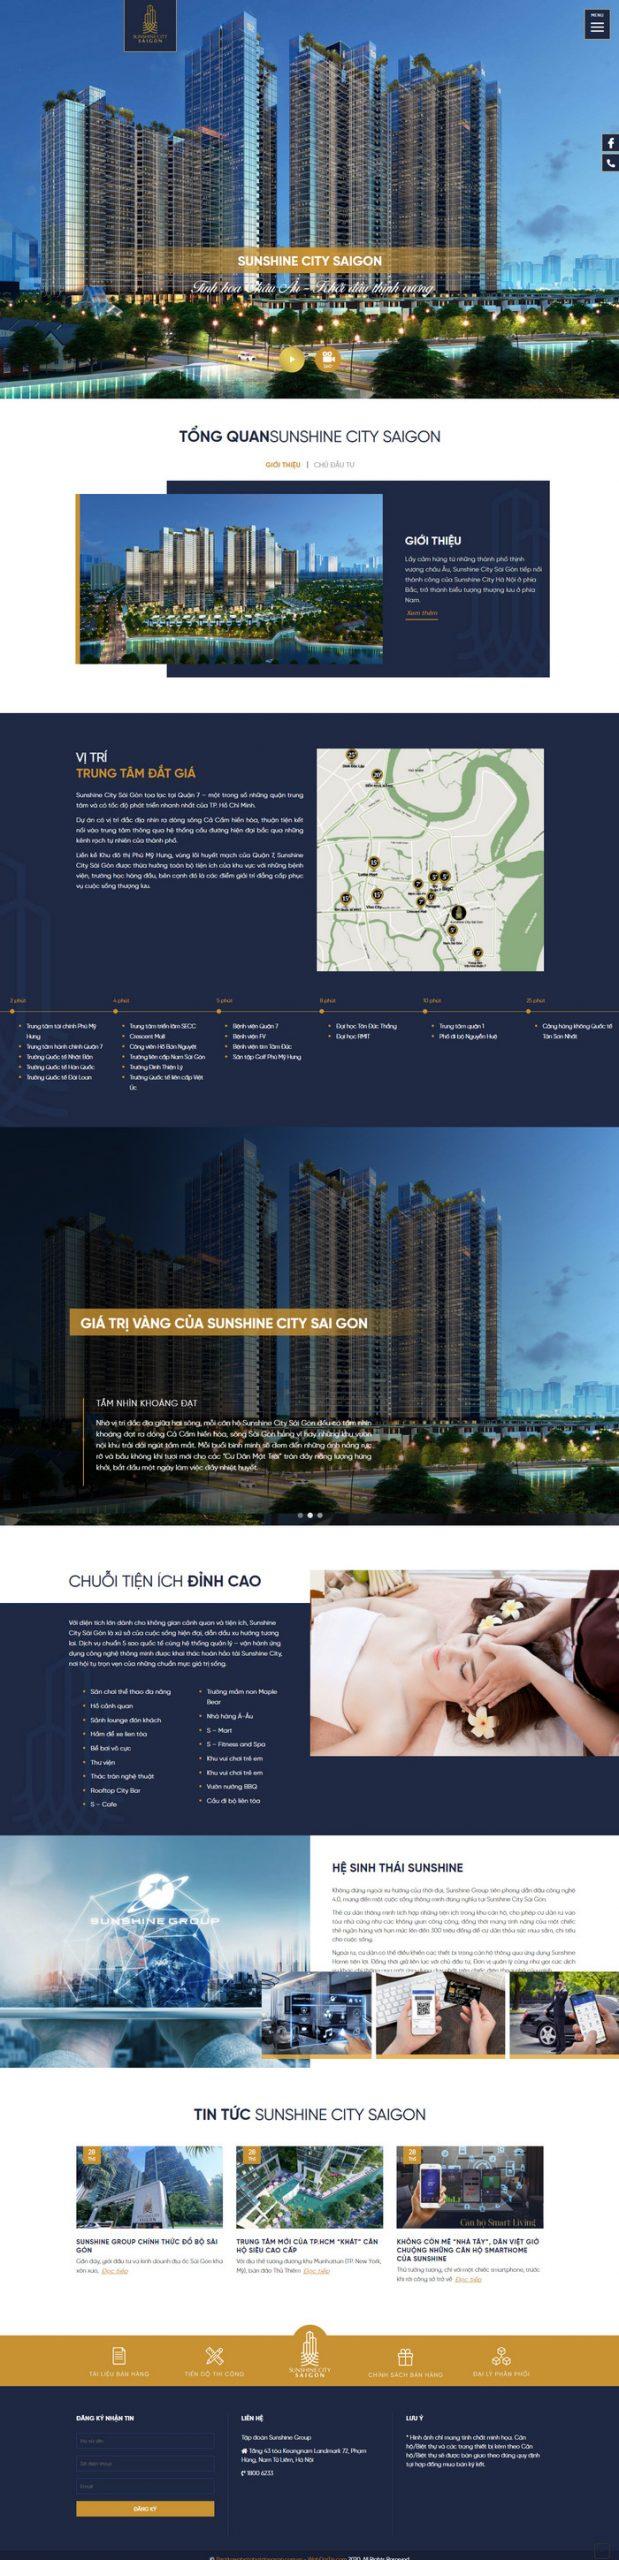 Mẫu web bds 1 dự án phong cách mới M40